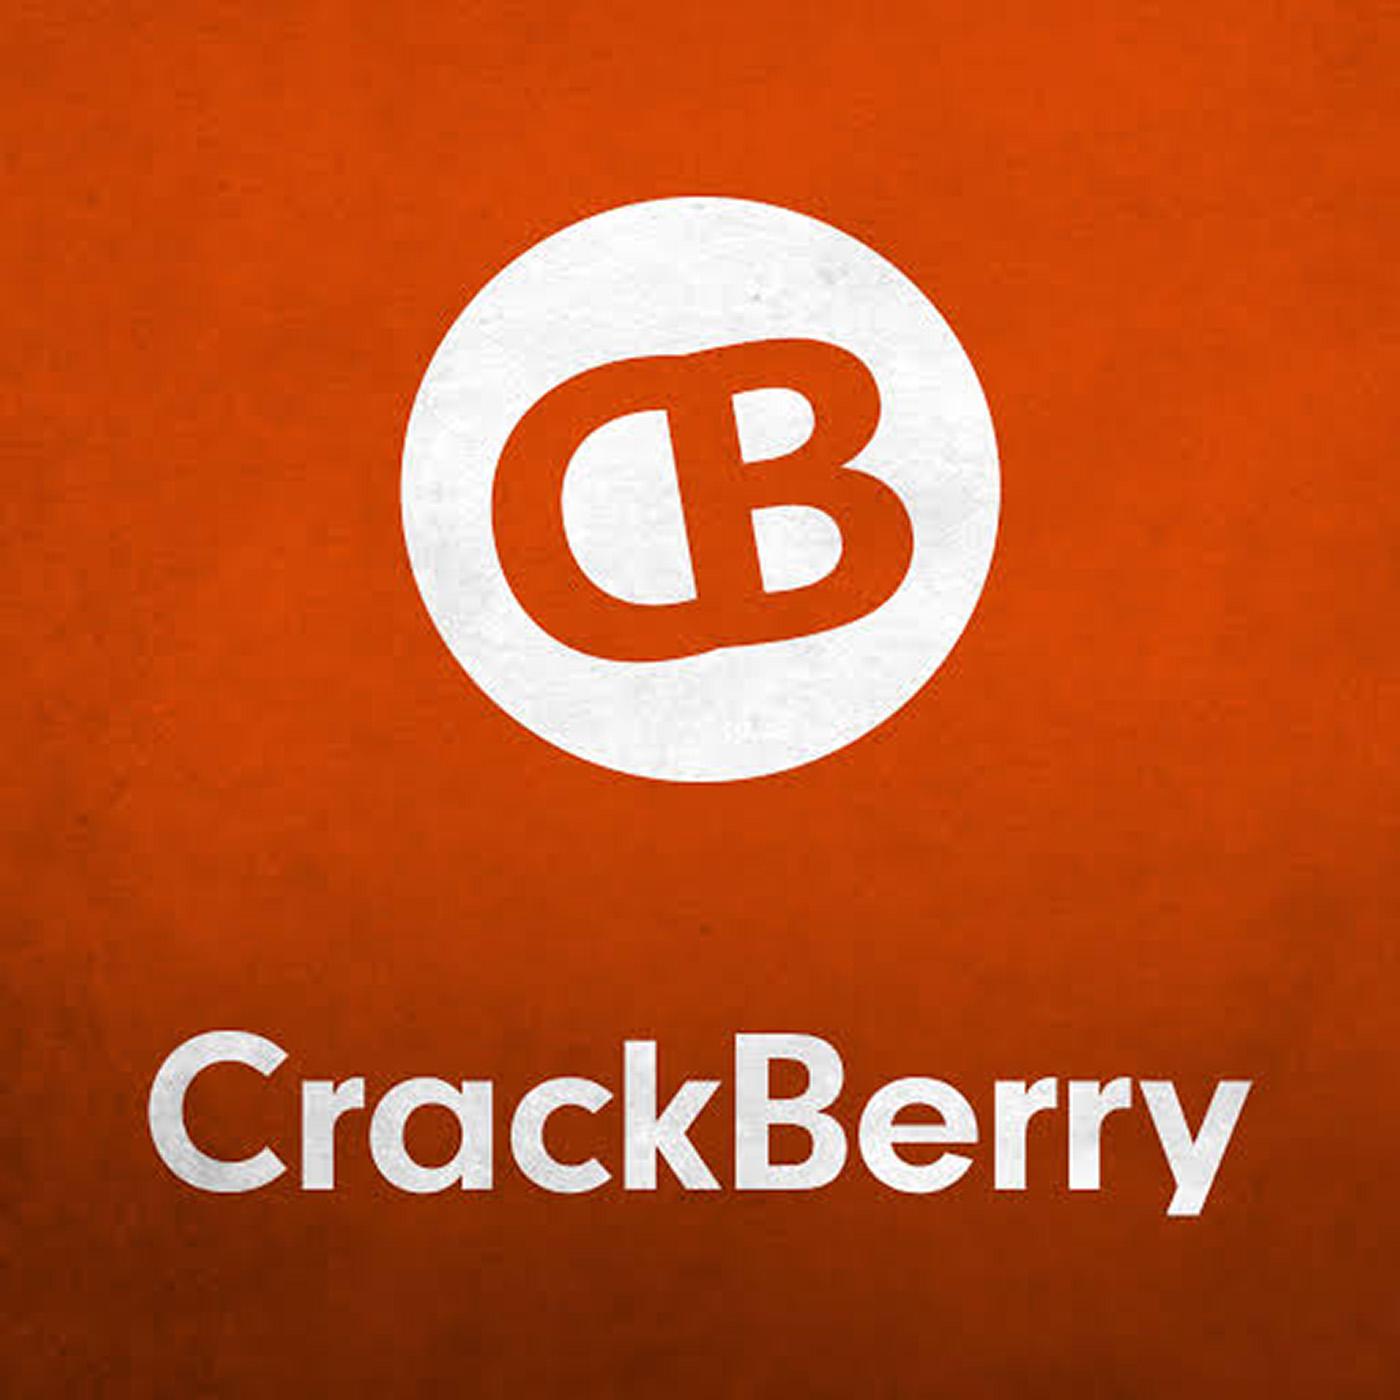 CrackBerry.com Podcast show art